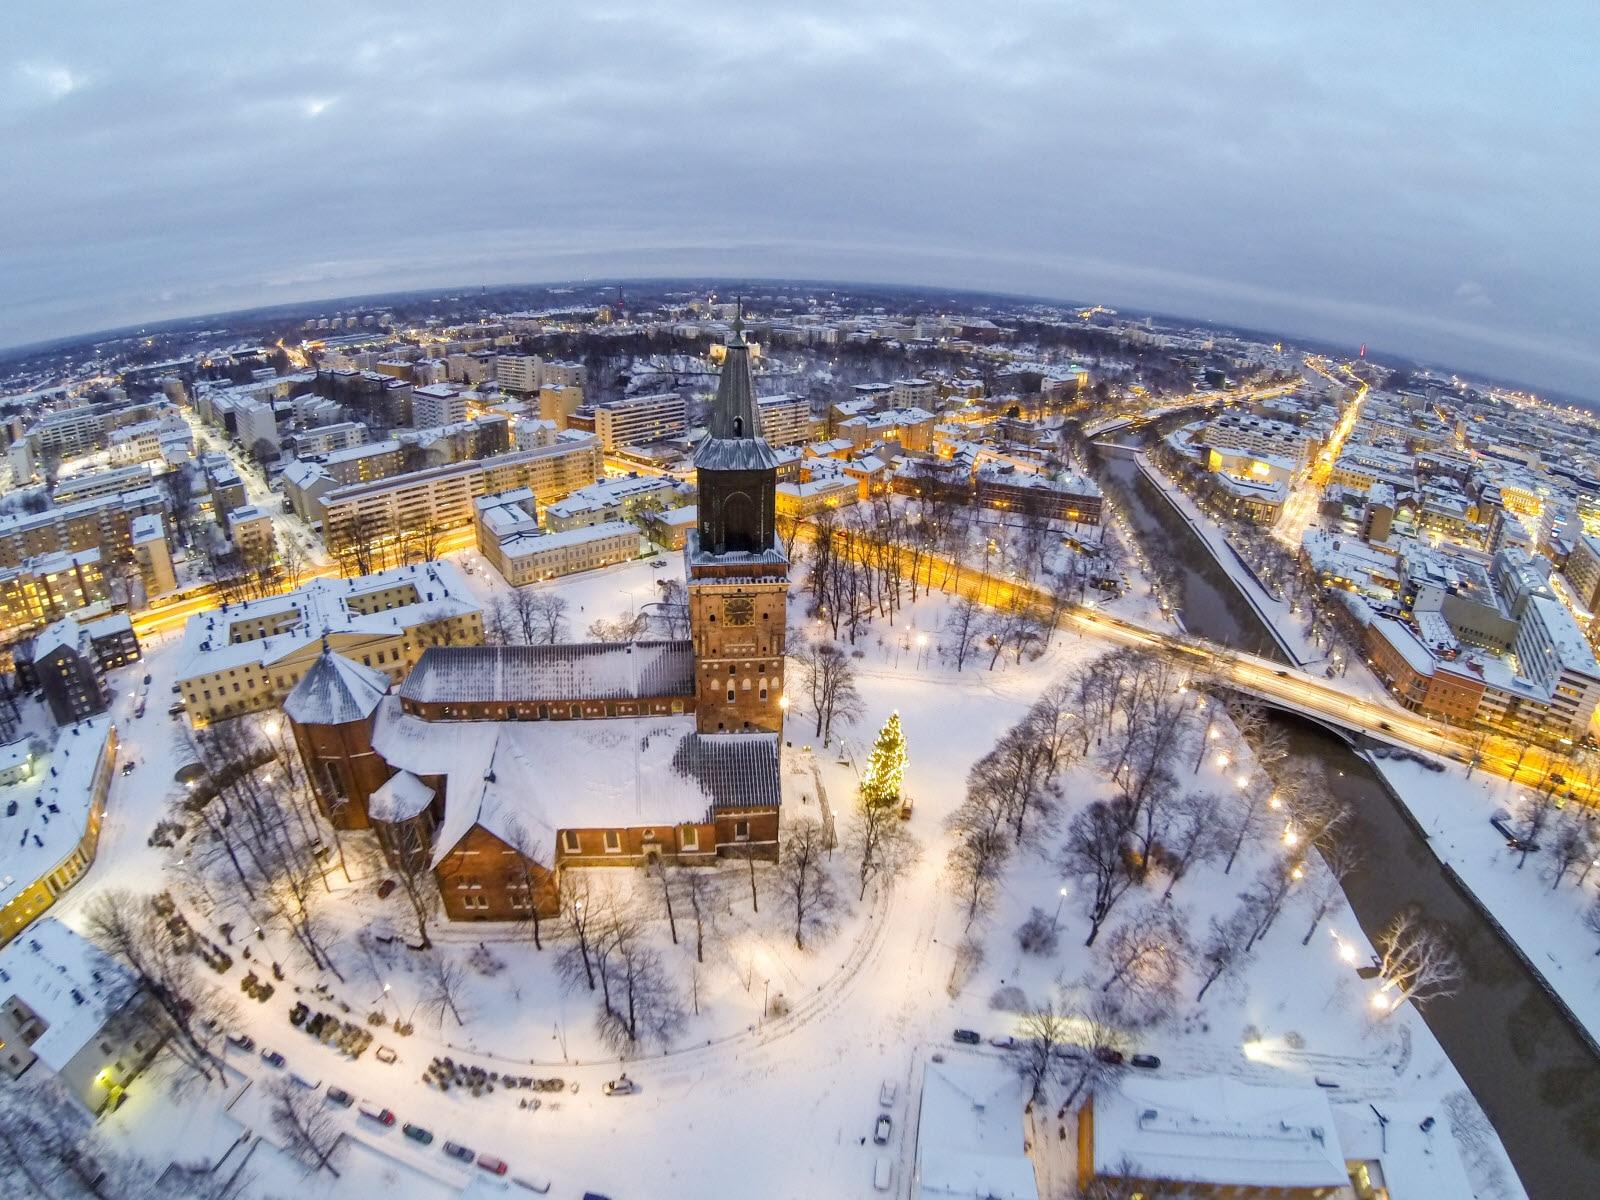 joulu turku 2018 Joulun lomavinkit Turkuun | Scandic Hotels joulu turku 2018